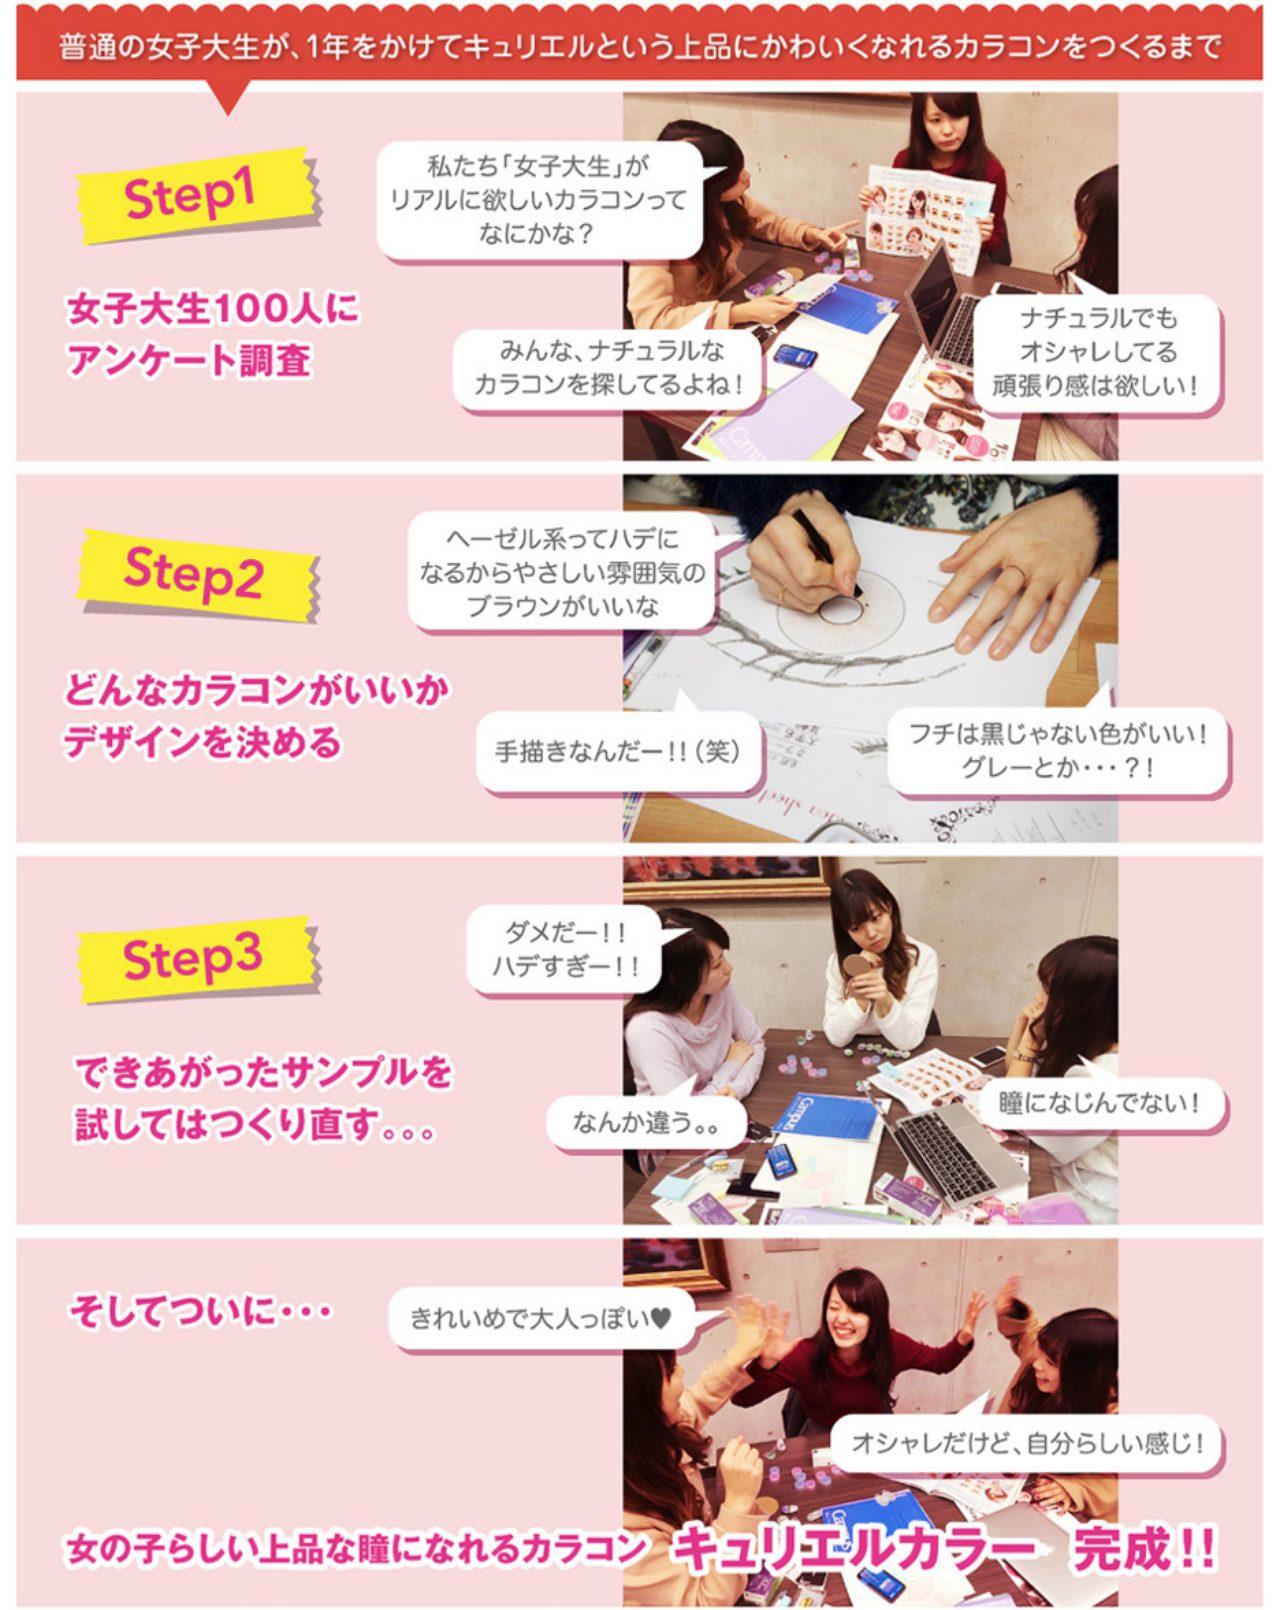 画像2: 現役女子大生×「ヴィーナスアイズ」コラボ企画